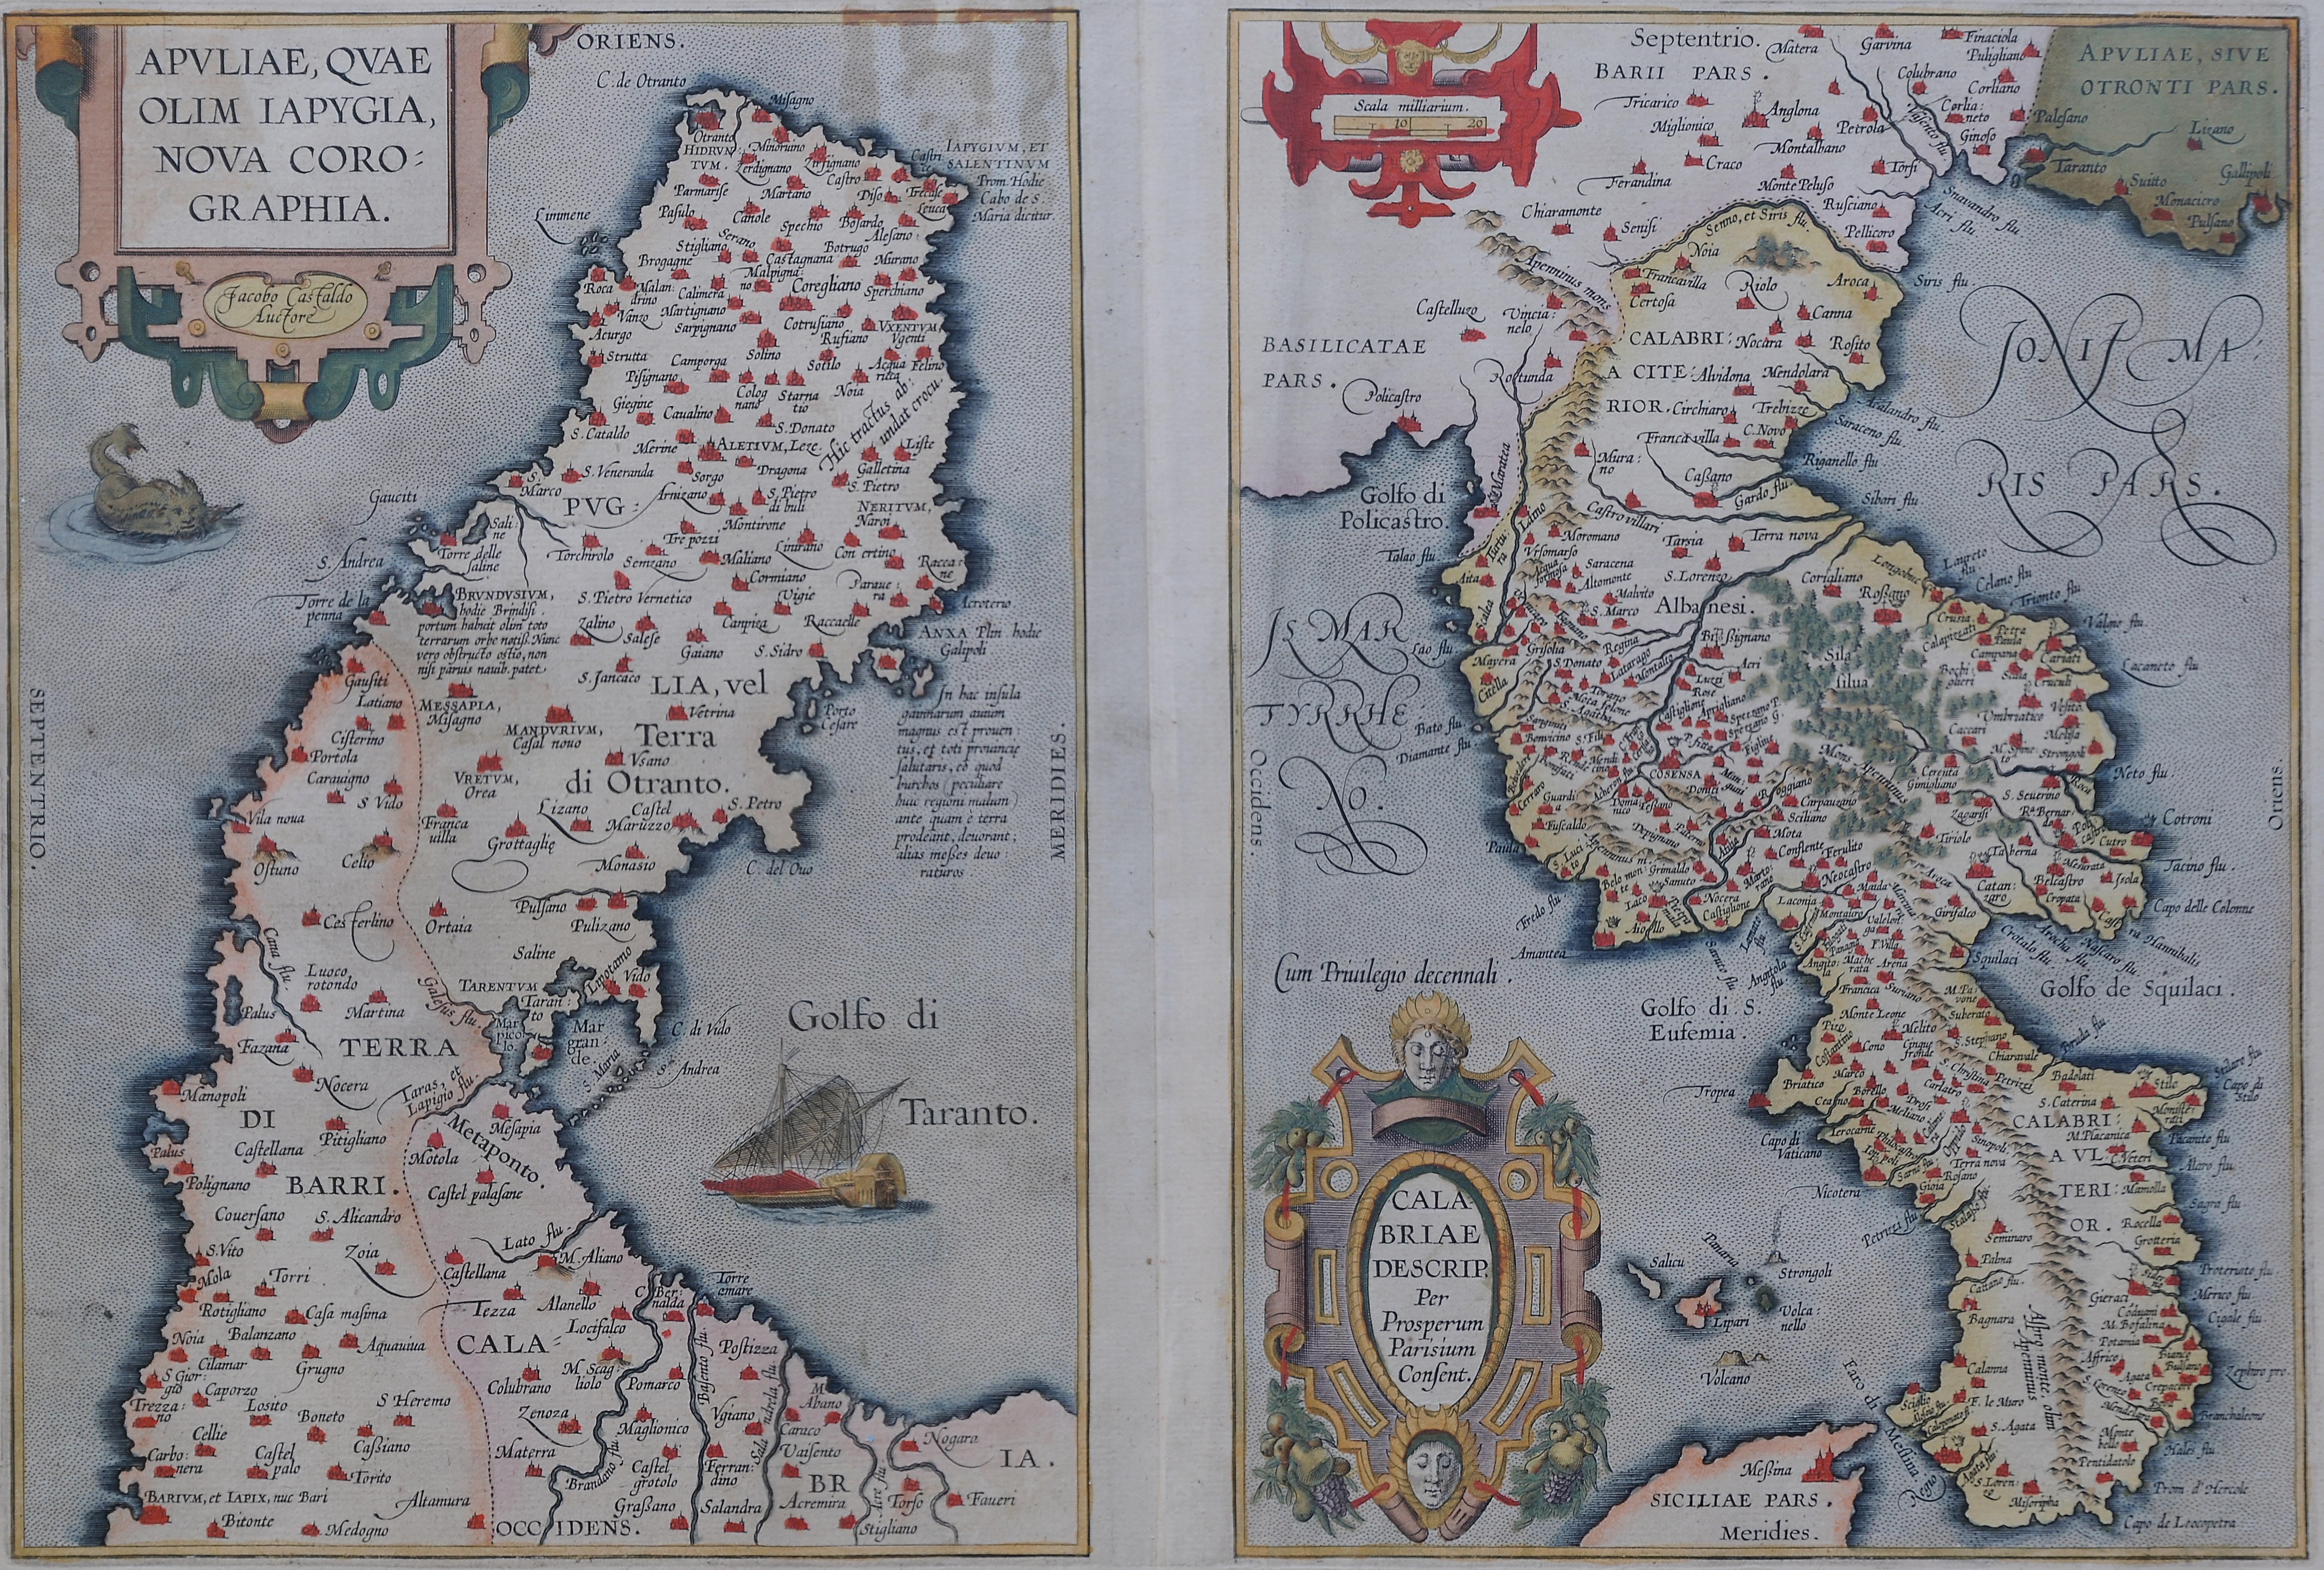 5-tav.-V-Apuliae-quae-olim-Iapigia-Calabria-descriptio-1560-ca